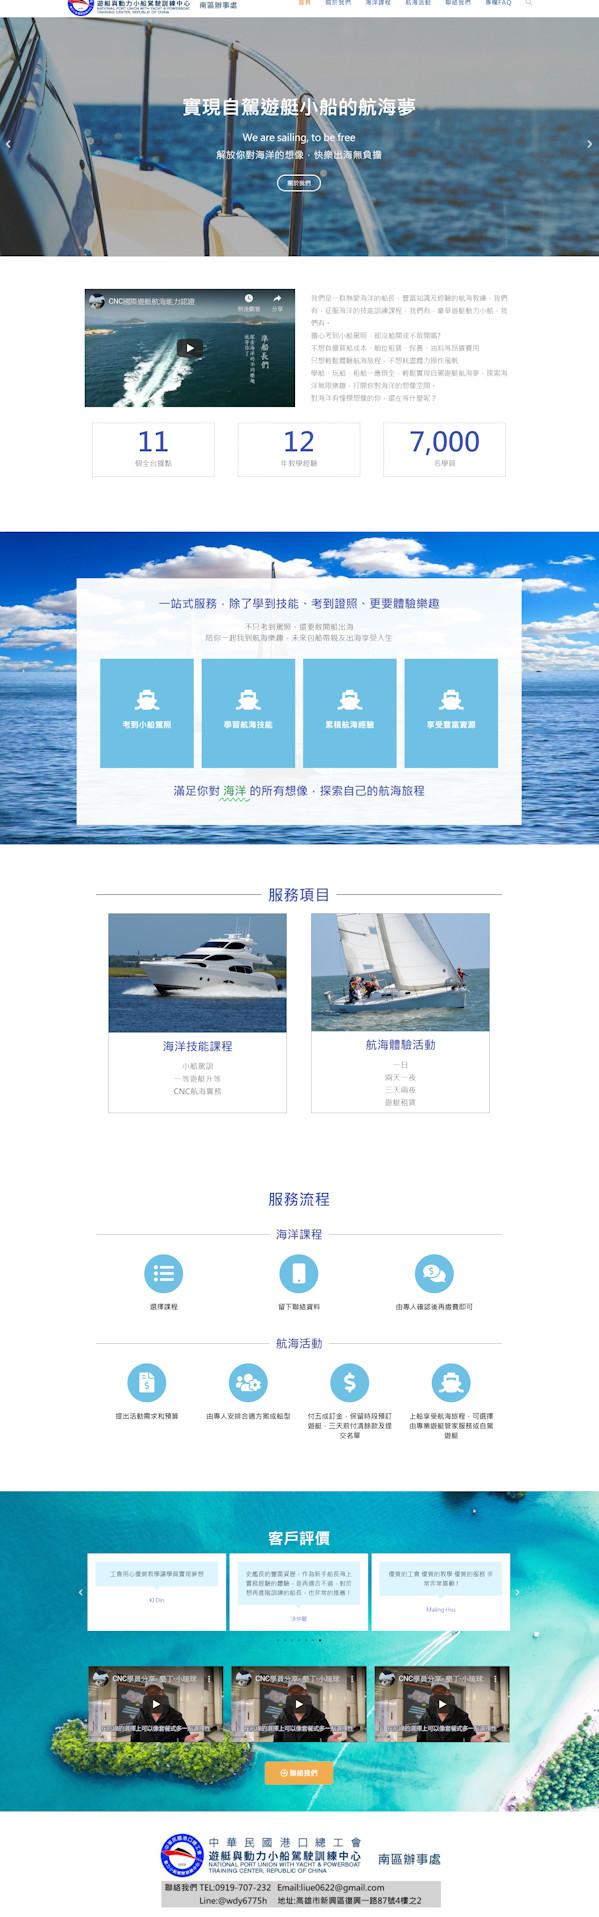 網頁設計-我是船長2